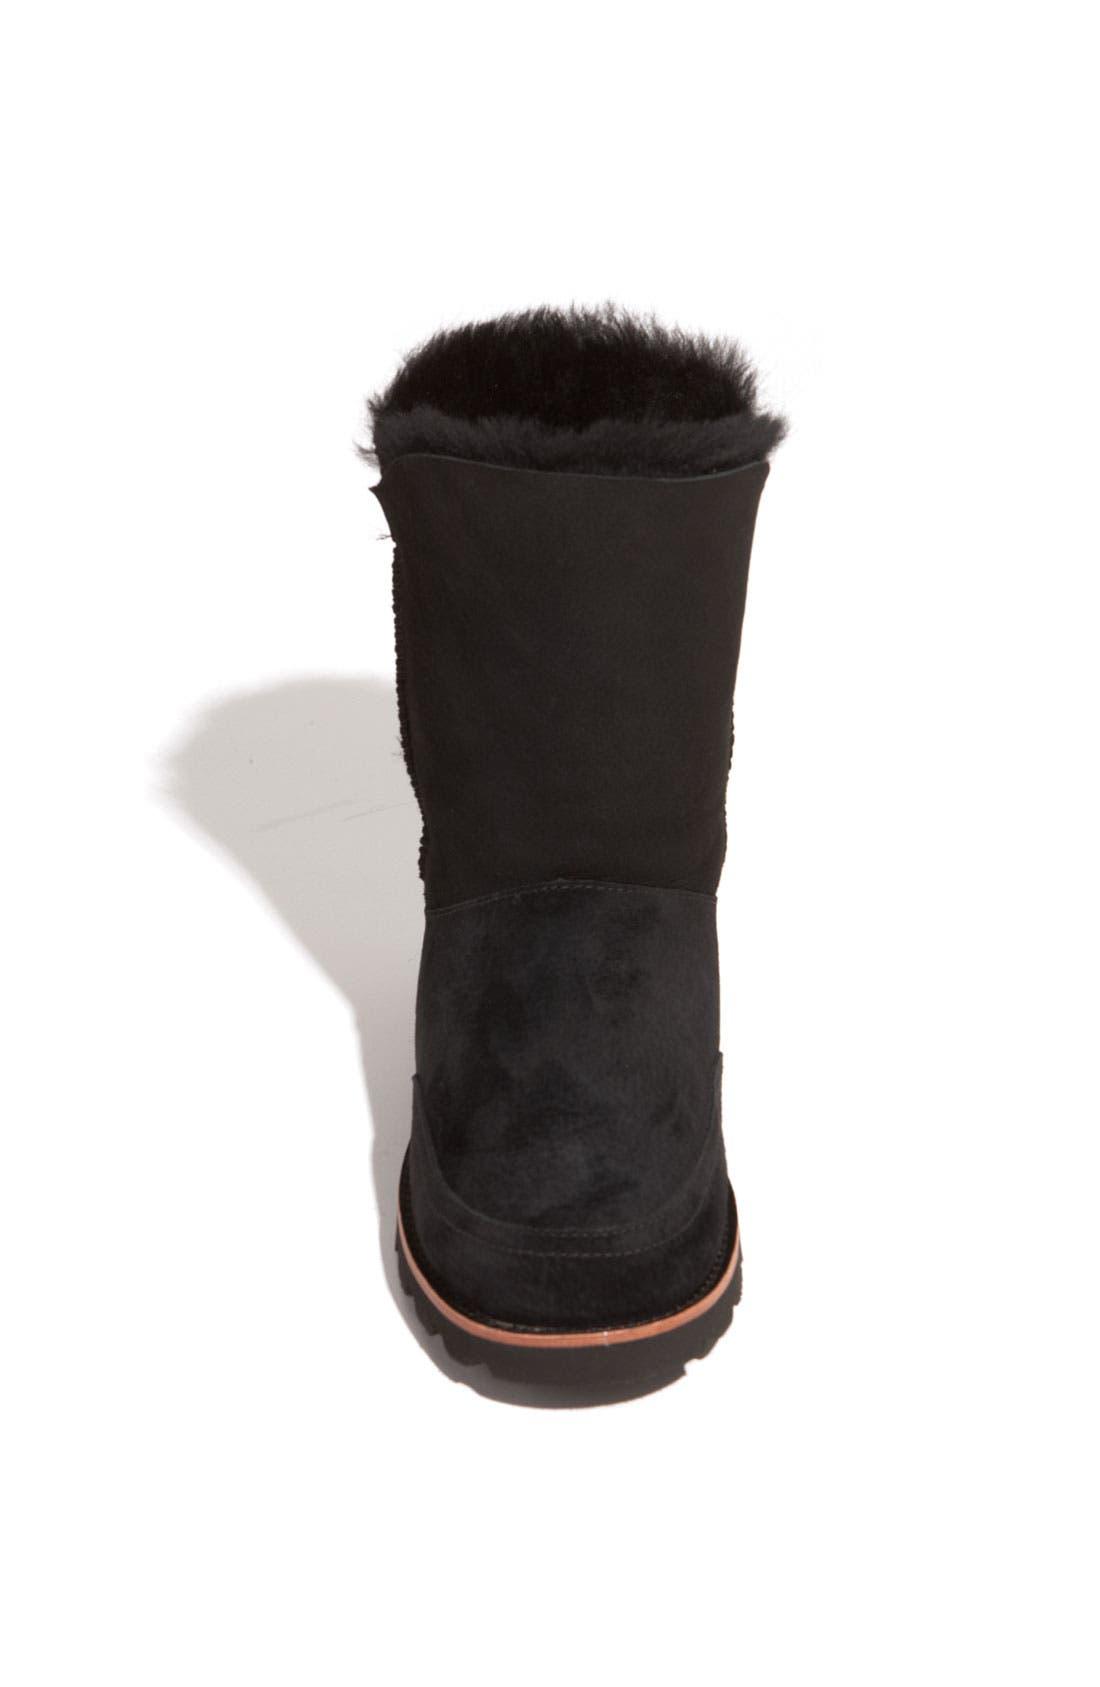 Australia 'Shanleigh' Boot,                             Alternate thumbnail 3, color,                             Black